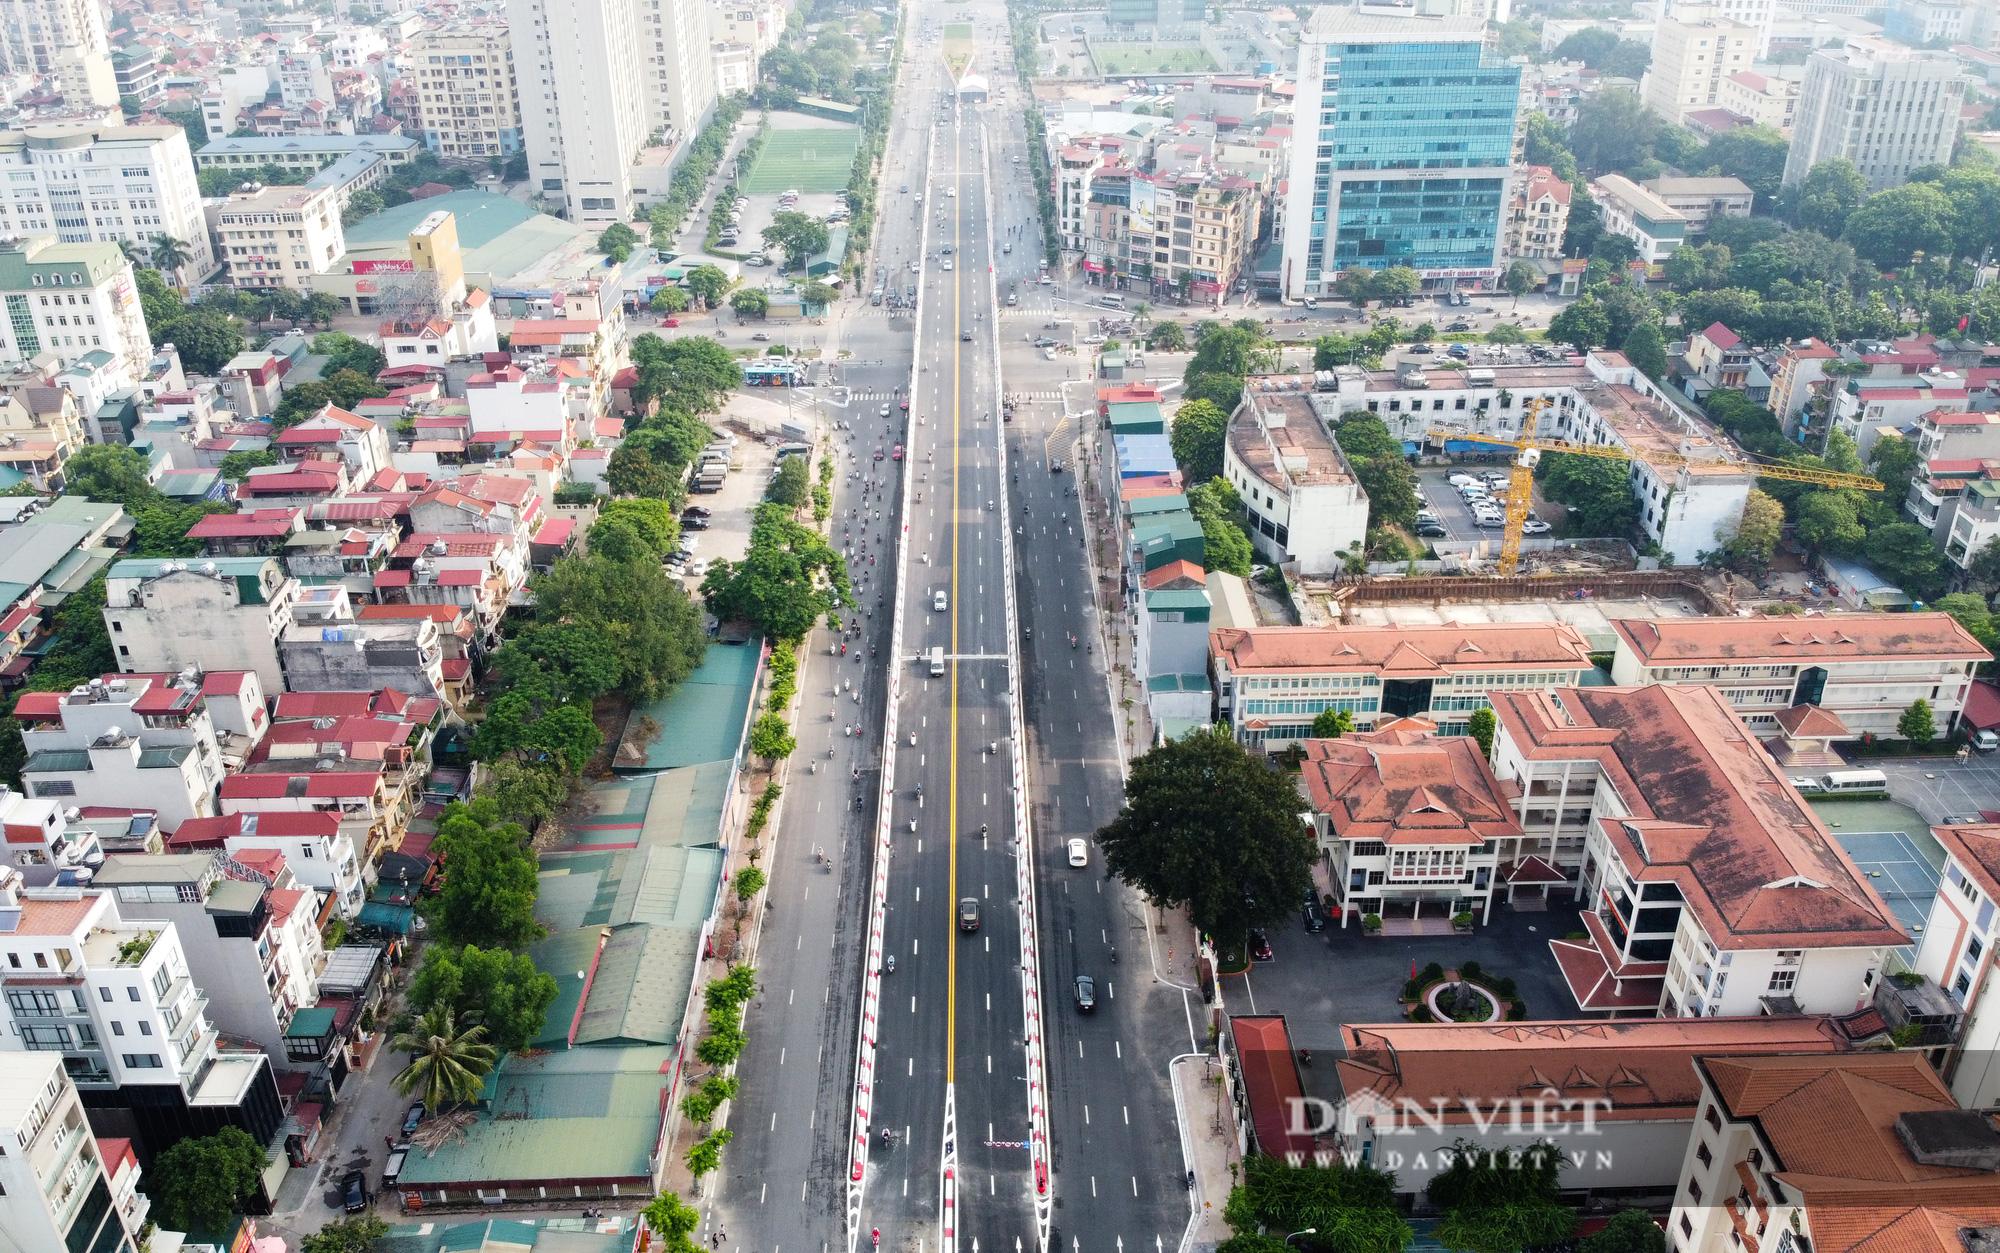 Bí thư Hà Nội dự lễ thông xe cầu vượt Nguyễn Văn Huyên - Hoàng Quốc Việt - Ảnh 10.